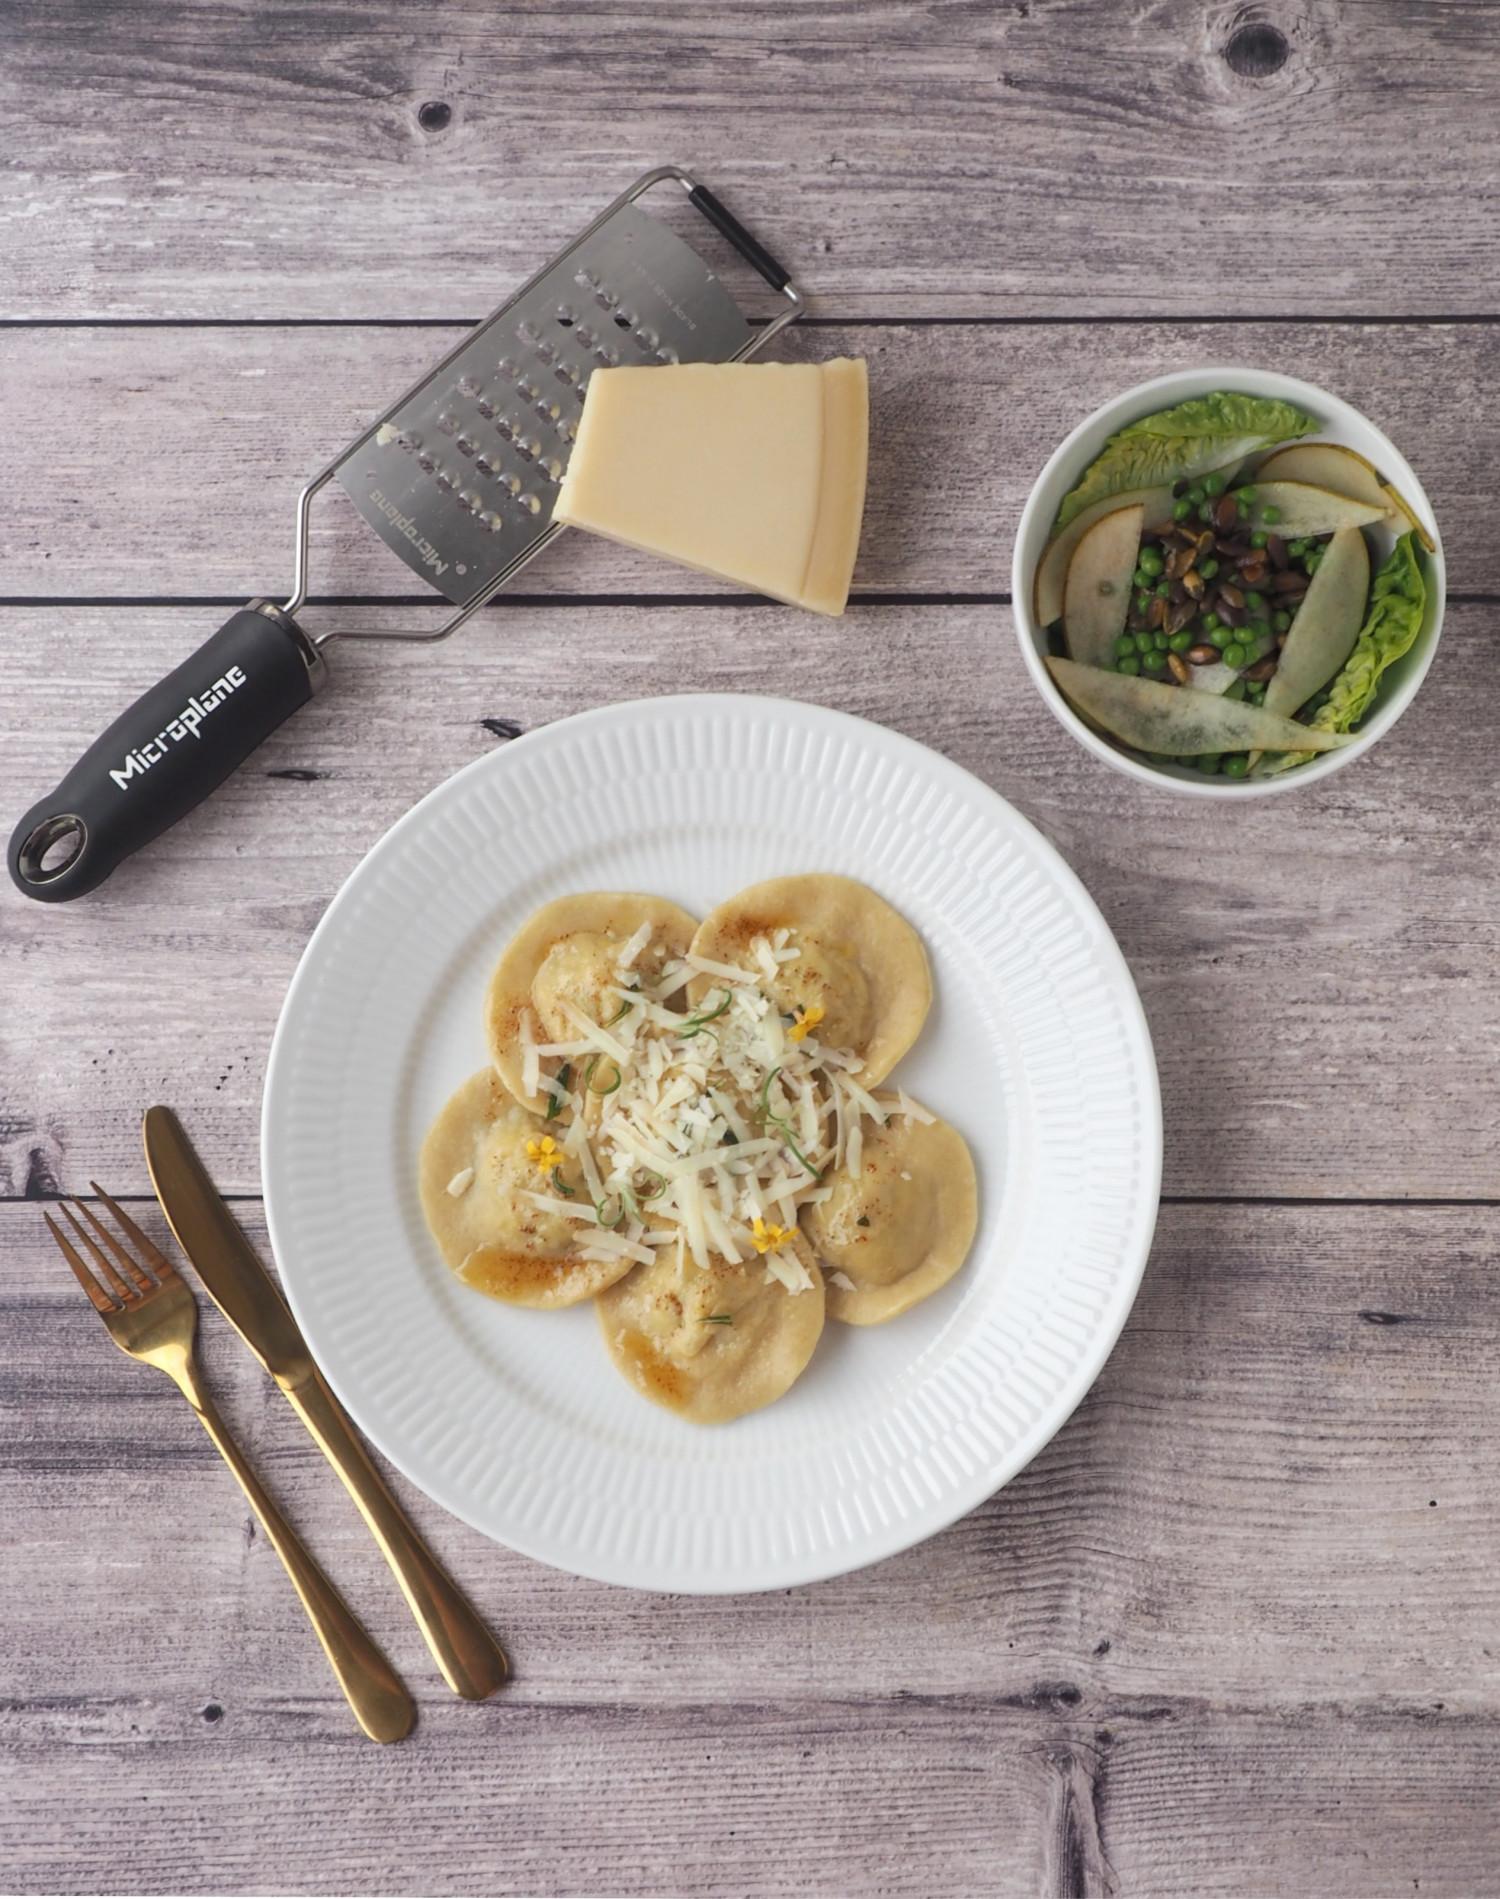 Hjemmelavet ravioli med varmrøget laks, spinat og ricotta af Beksemad Rebekka Mikkelsen MasterChef 2019